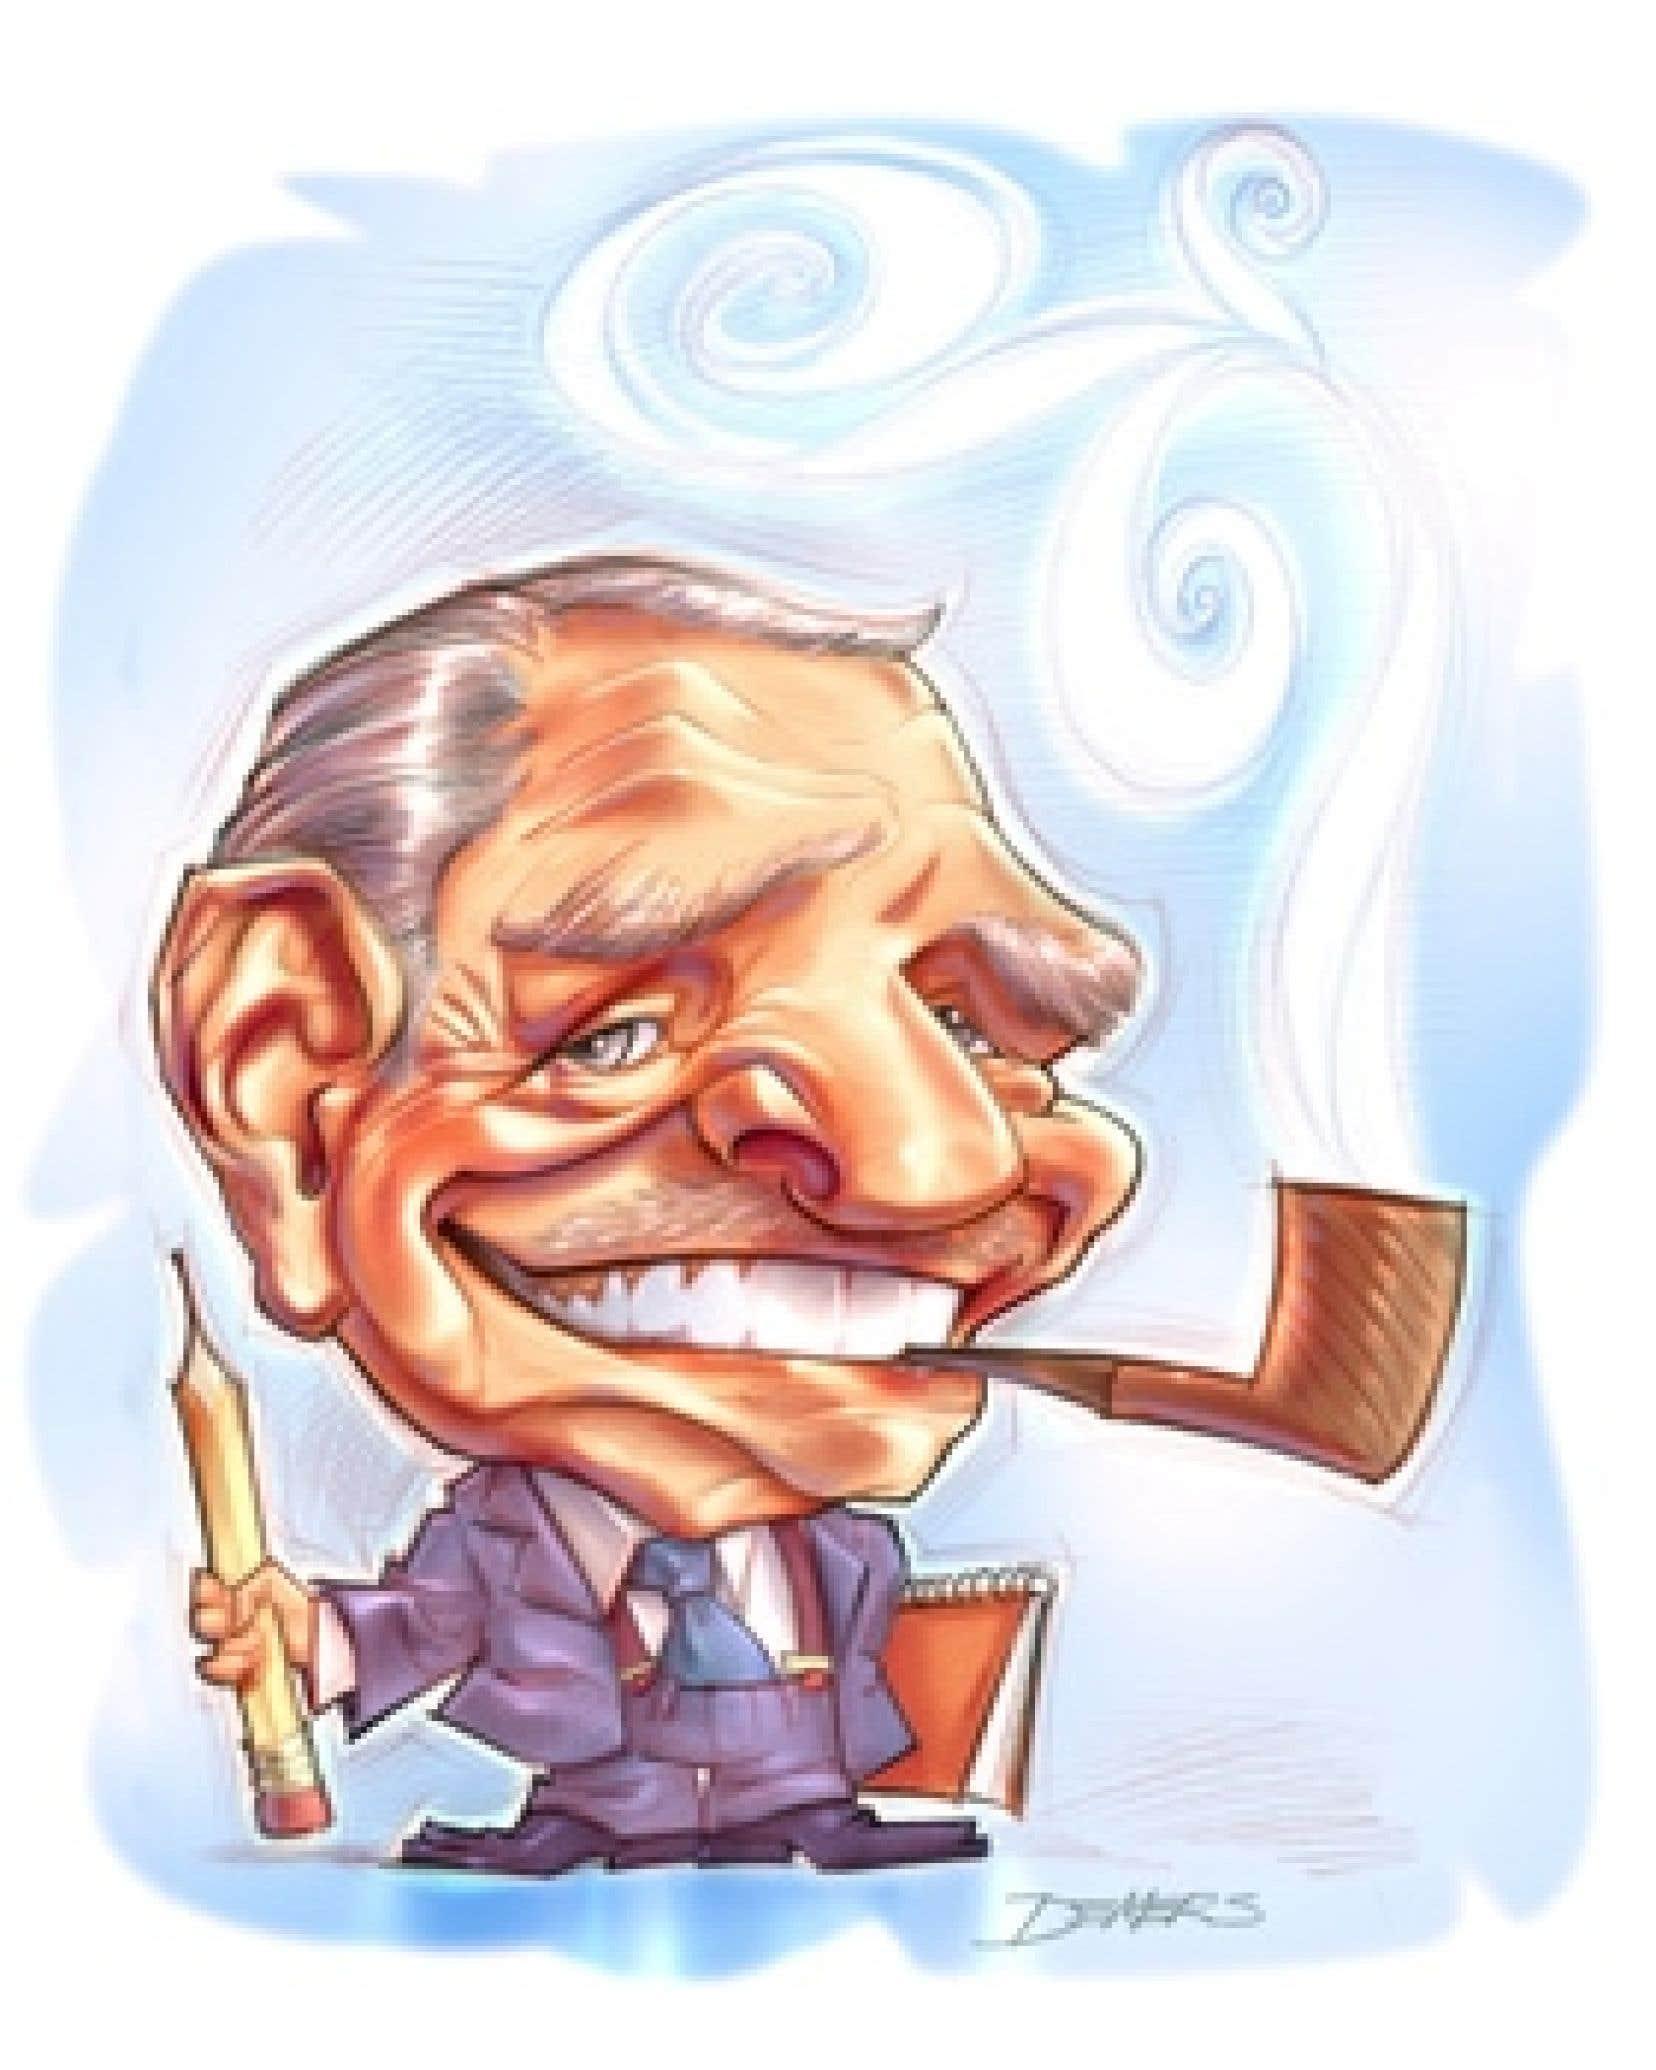 La caricature de Robert La Palme dessinée par l'invité d'honneur au Salon de la caricature, Yves Demers.